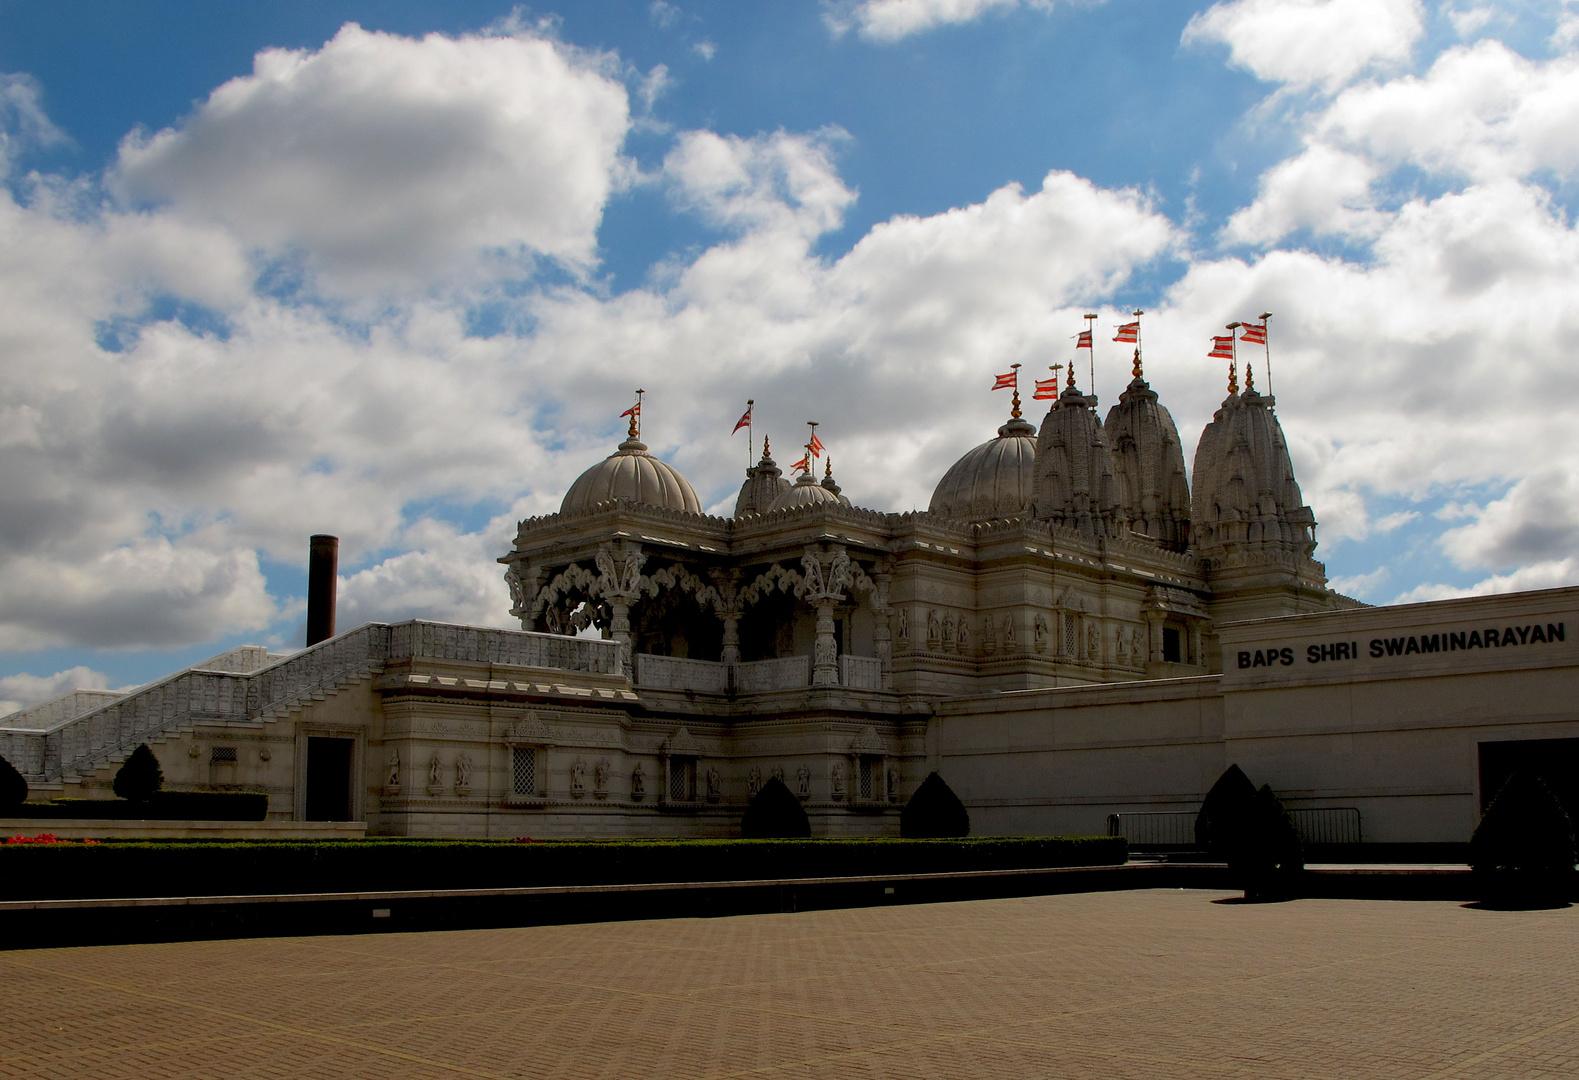 Baps Shiri Swaminarayan Mandir / Neasden Tempel